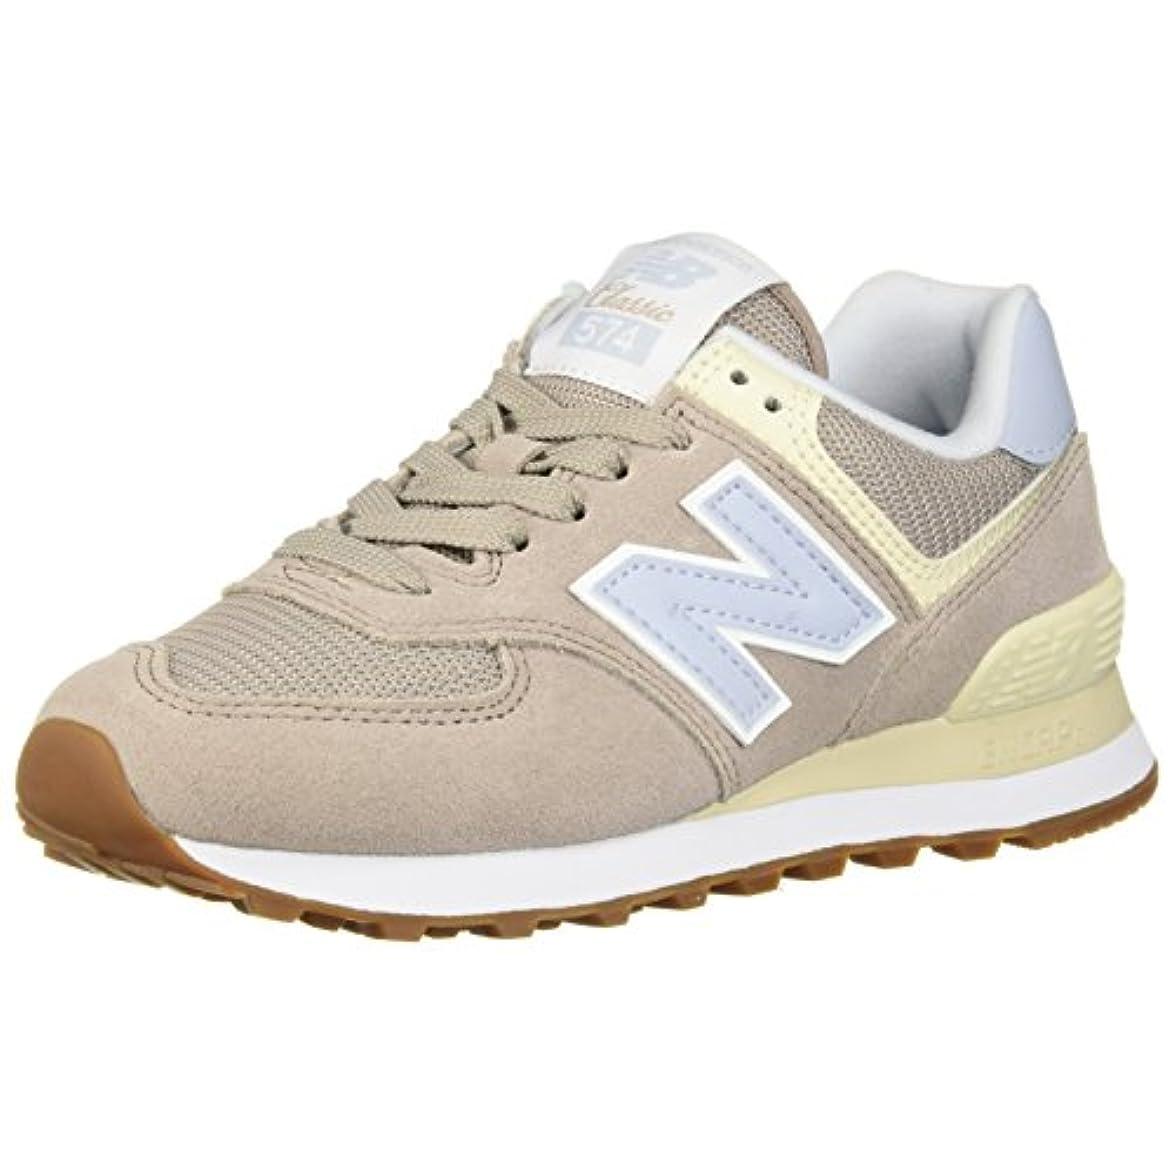 New Balance574v2 574v2 Donna Bianco flat White 35 5 D Eu